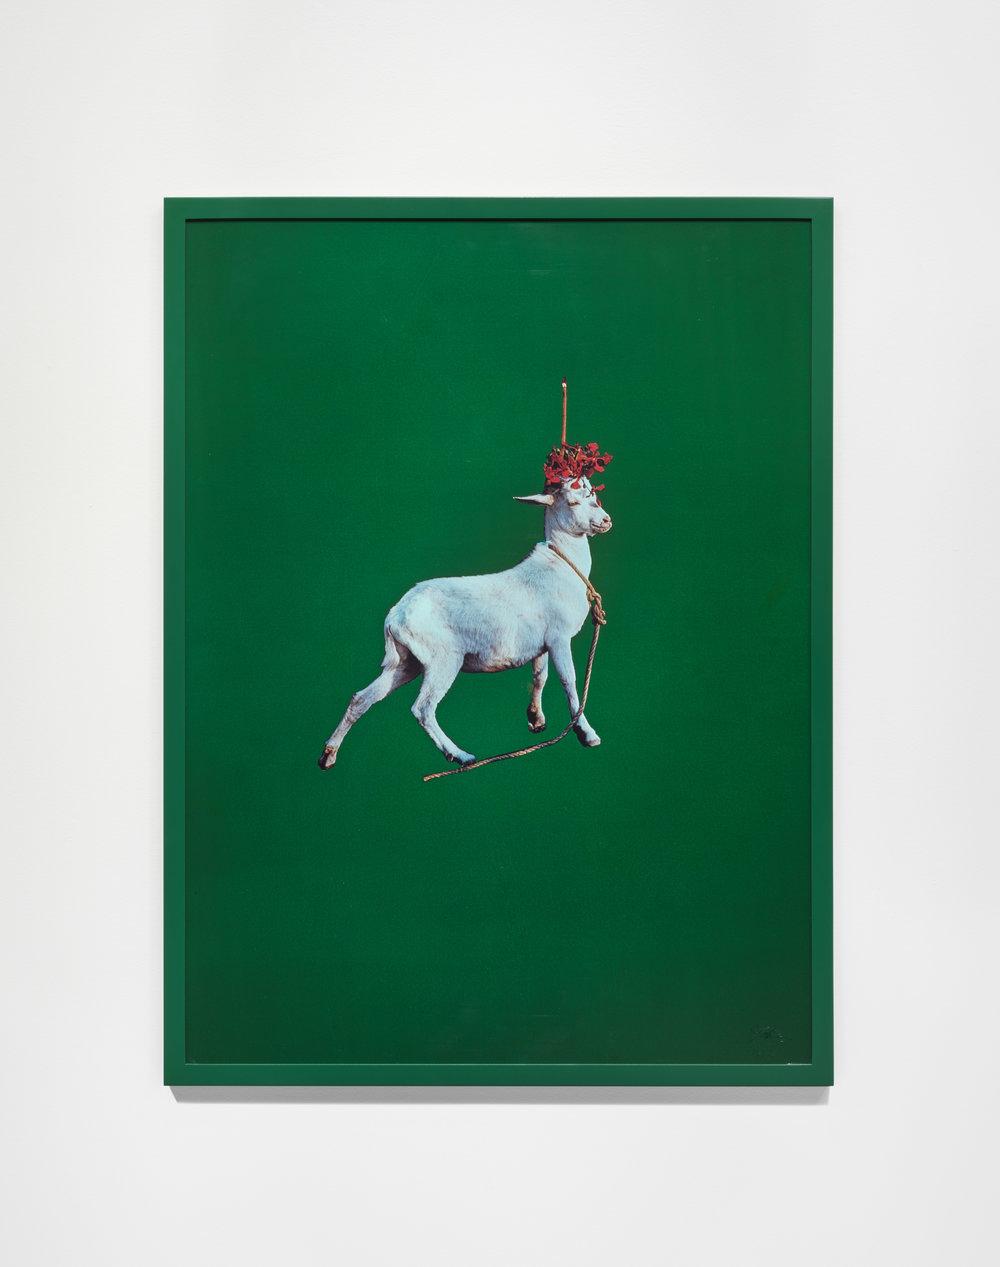 Goat, 1985 © Sarah Charlesworth